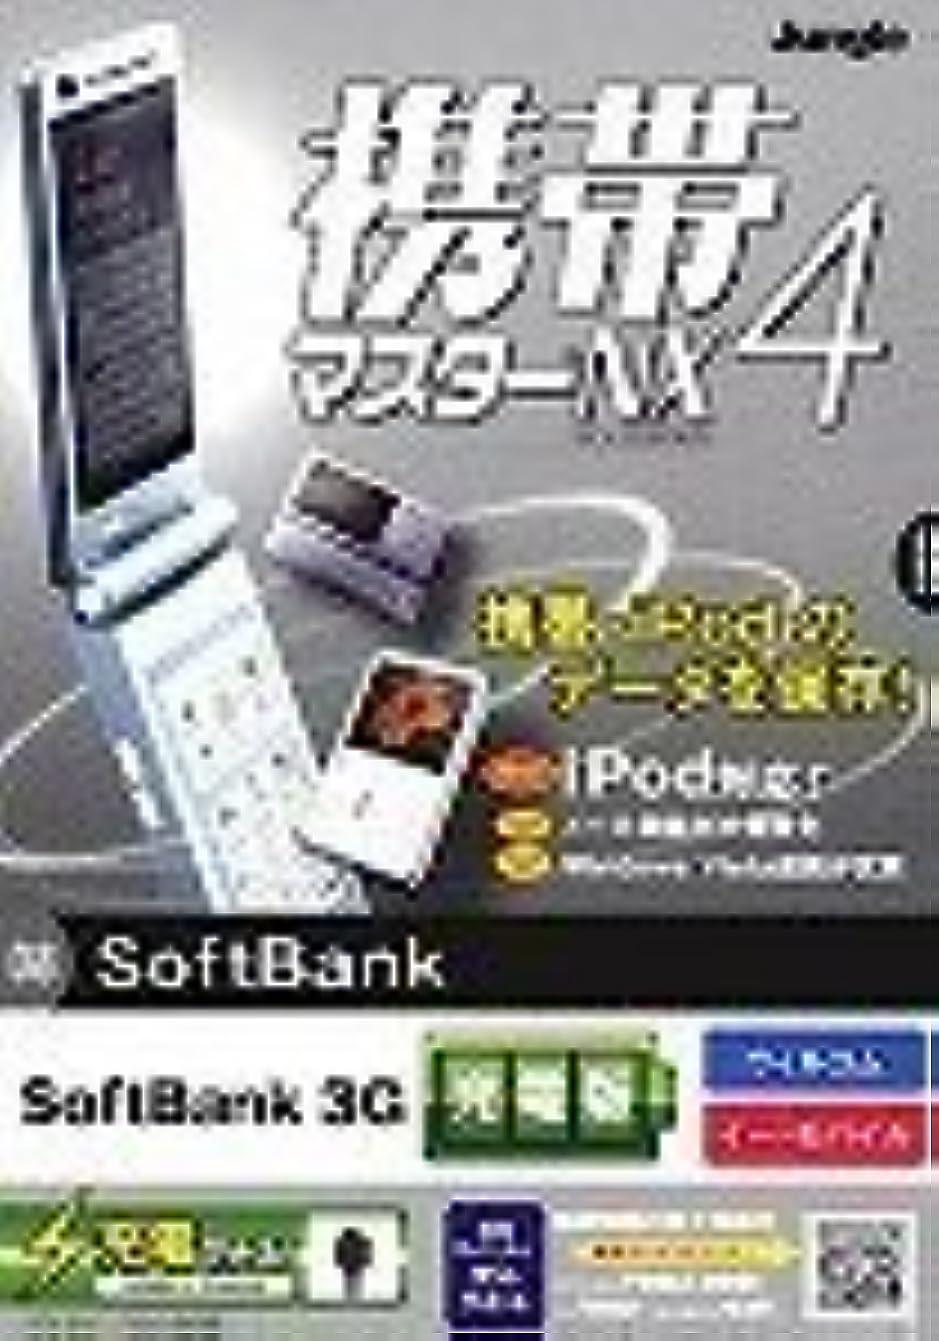 どれでも交換可能高める携帯マスターNX4 SoftBank 3G充電版